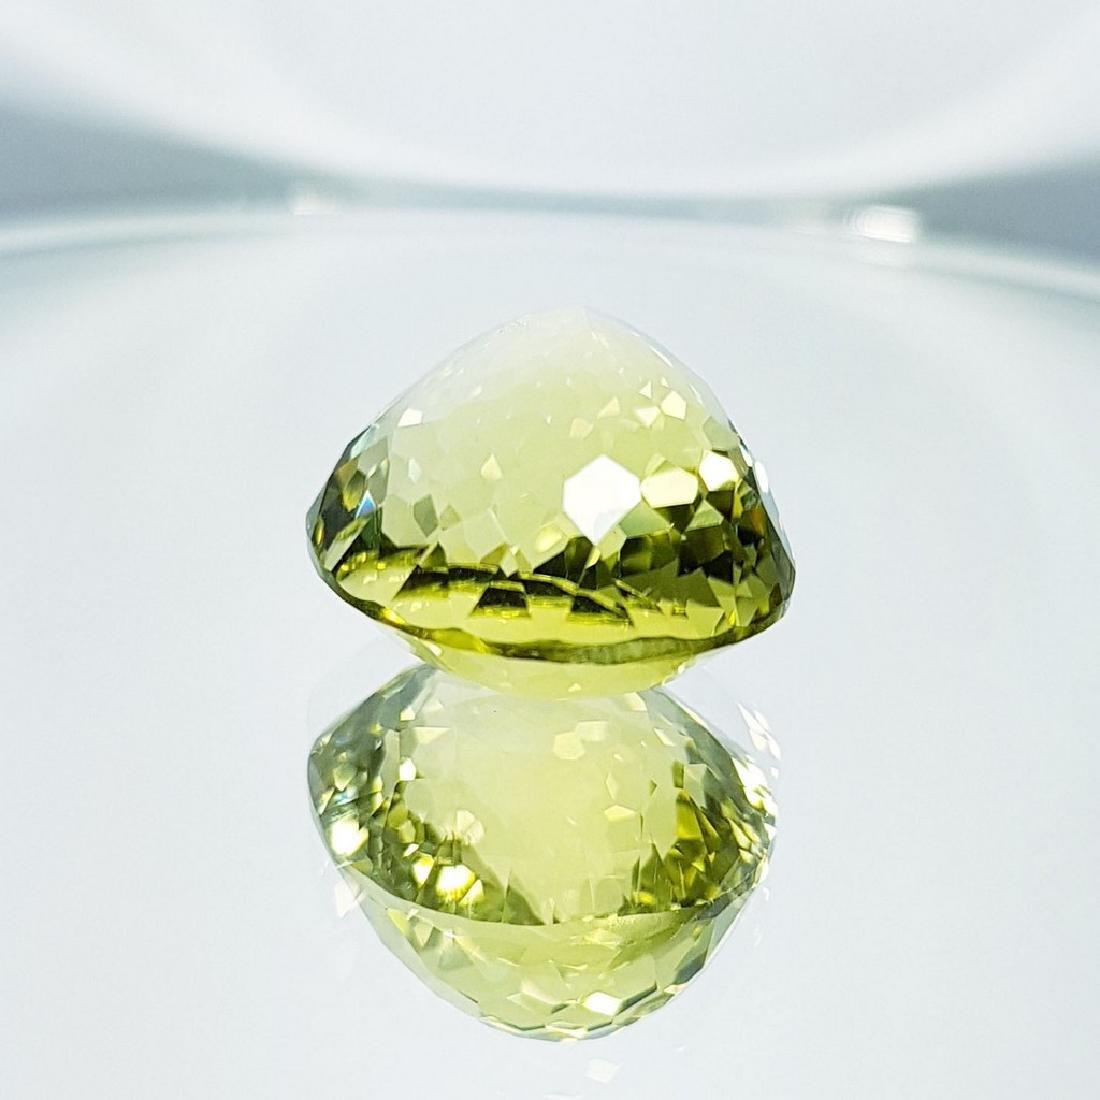 Green Gold Quartz - 16.24 ct - 4